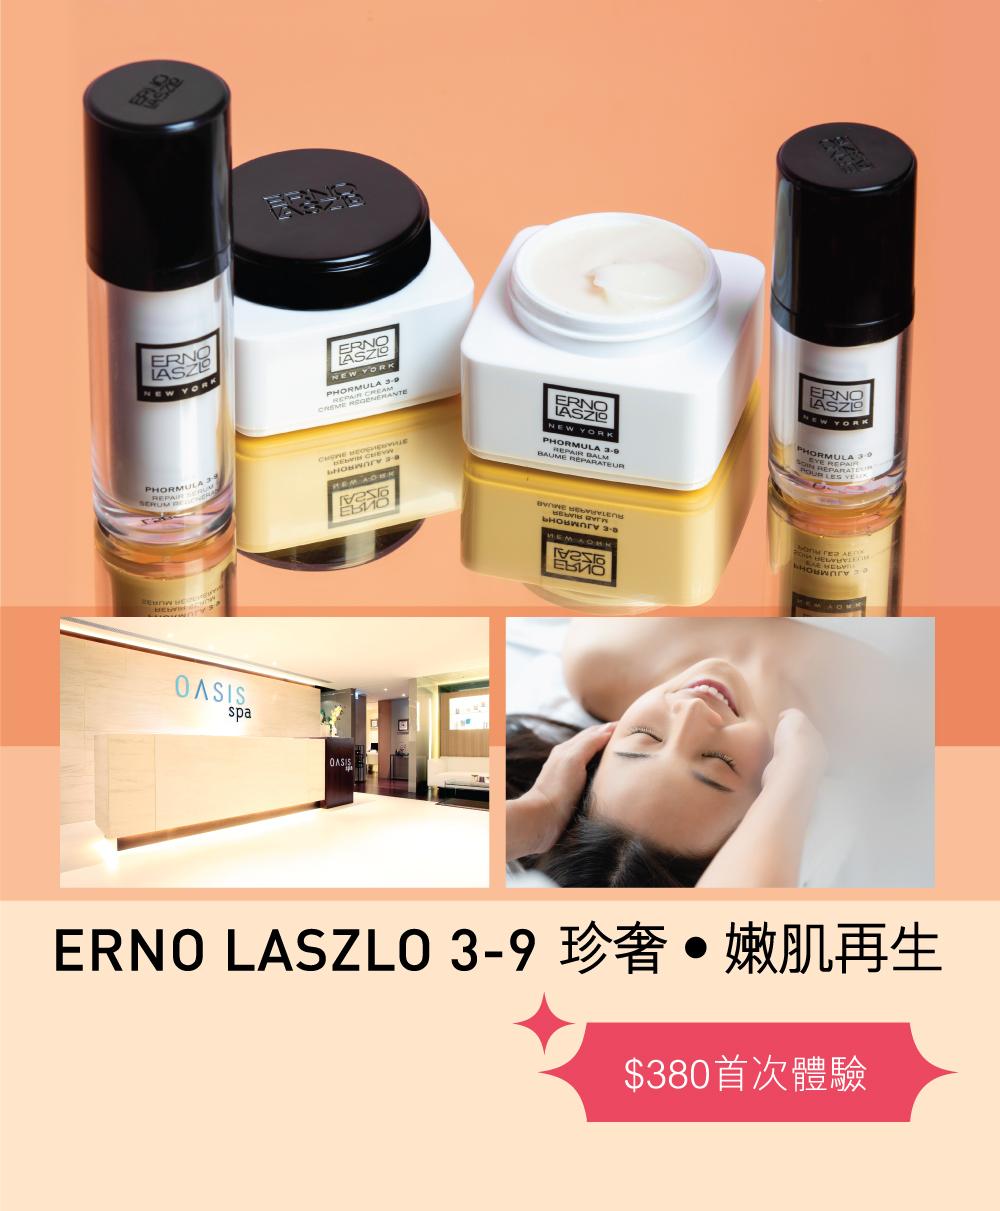 體驗Erno Laszlo 3-9香港皇牌護膚療程